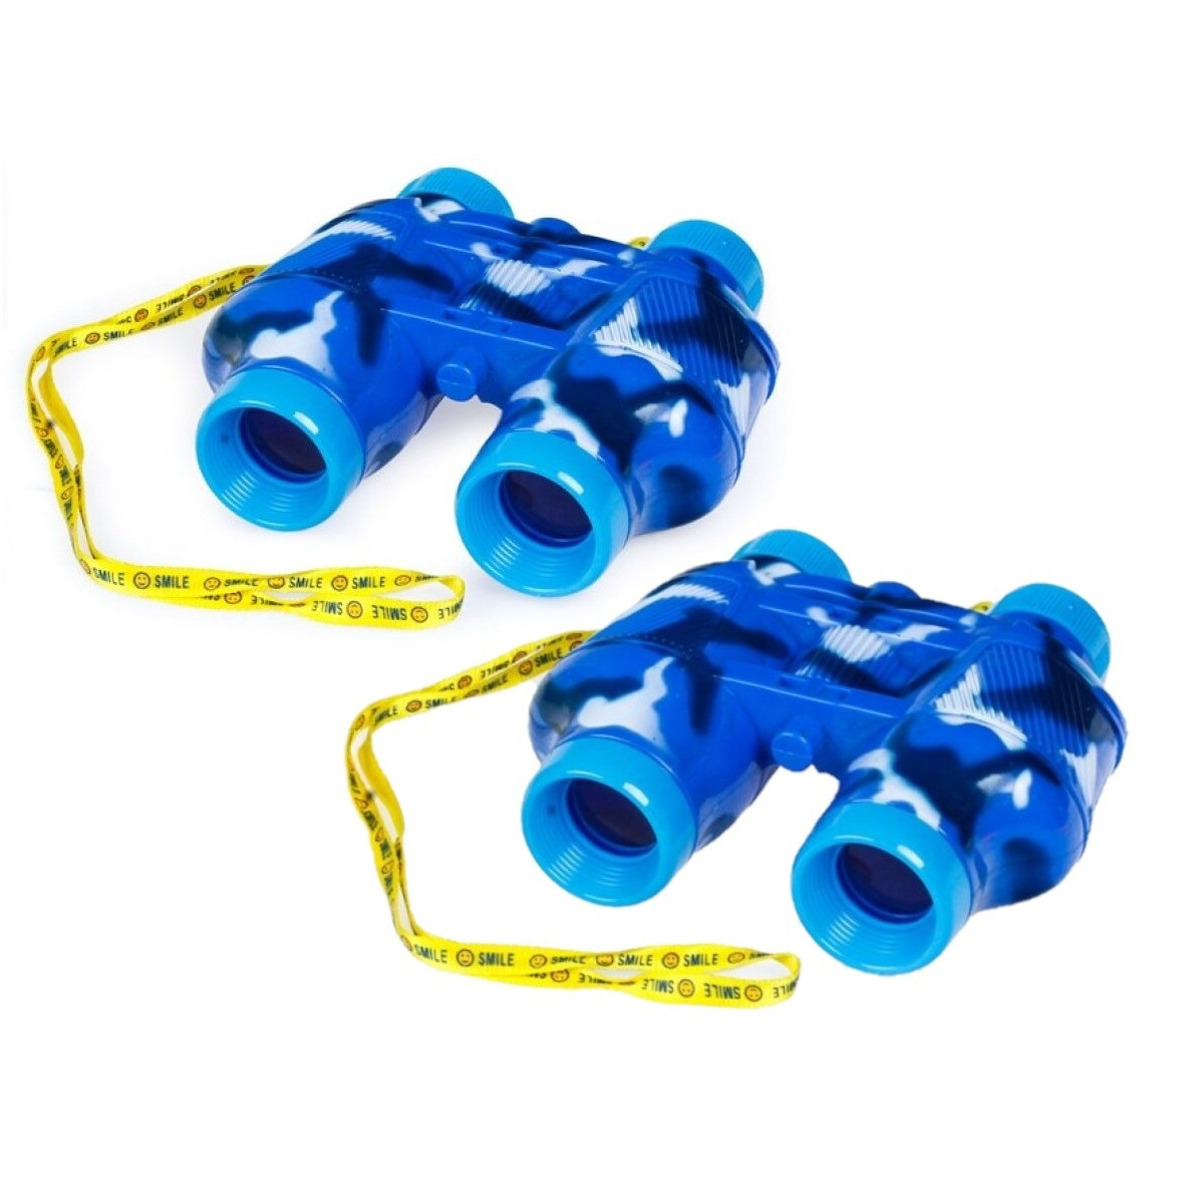 2x stuks kinder speelgoed verrekijkers blauw voor peuters 14 cm